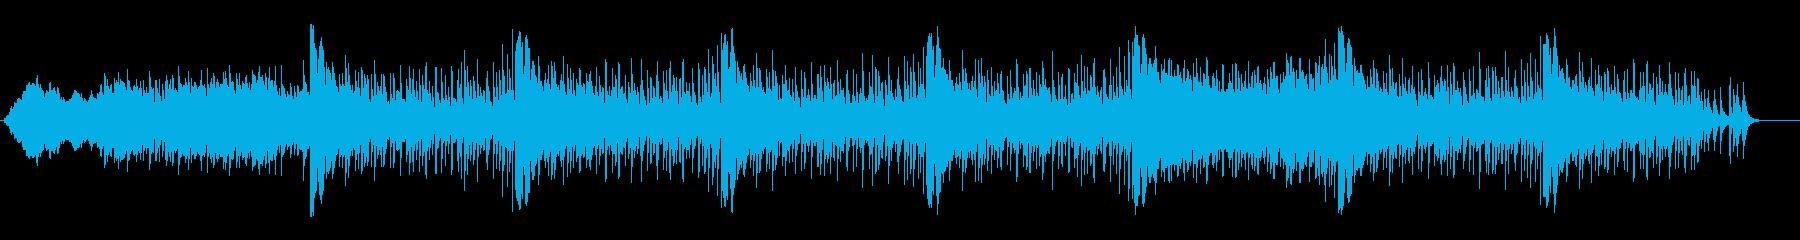 乾いた大地_ディンゴの再生済みの波形